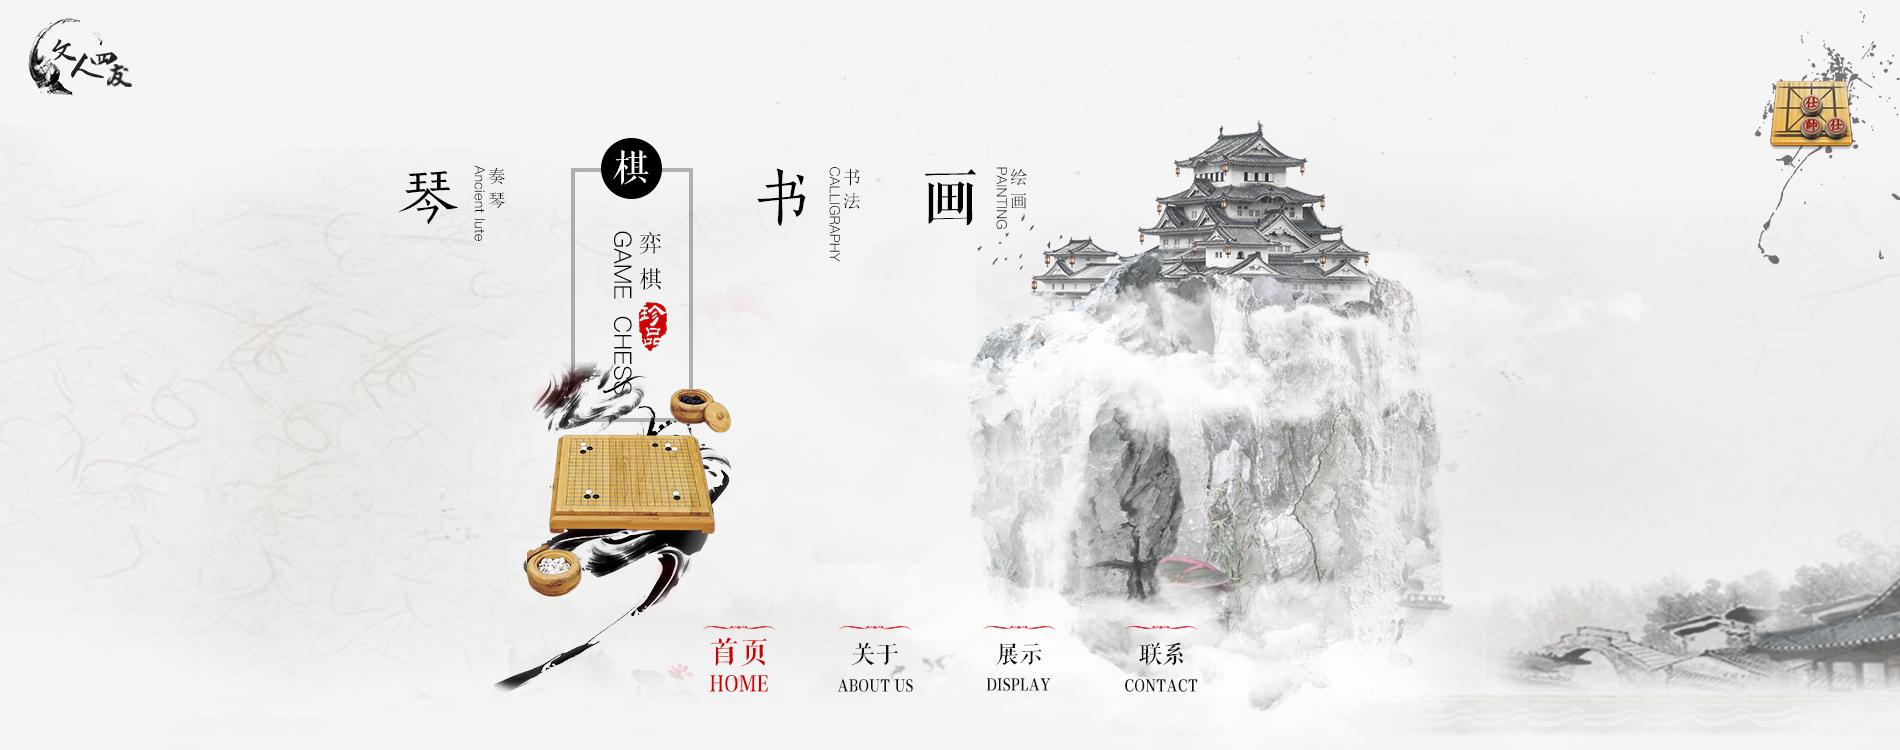 古风一屏|网页|其他网页|混世大魔王六六 - 原创作品图片